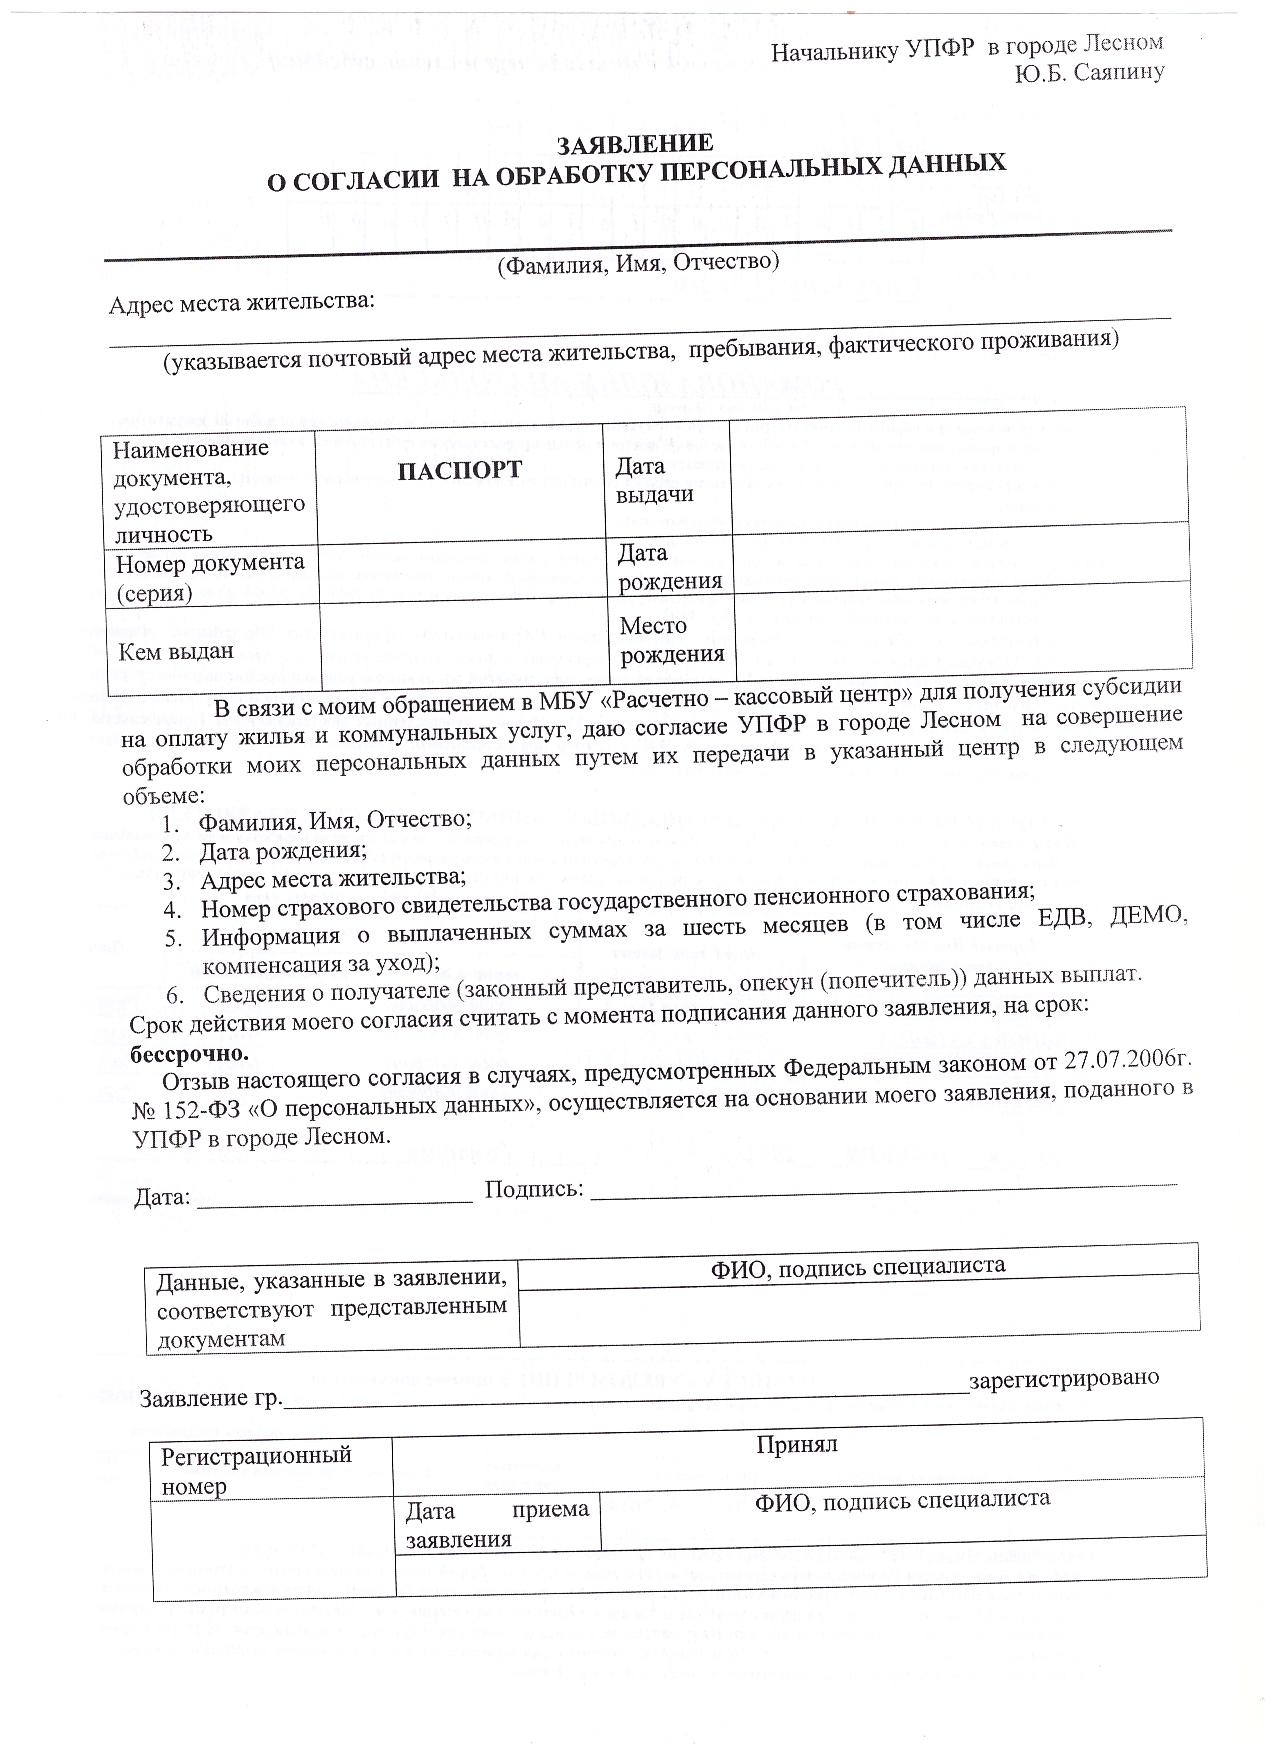 бланк заявления в Пенсионный фонд